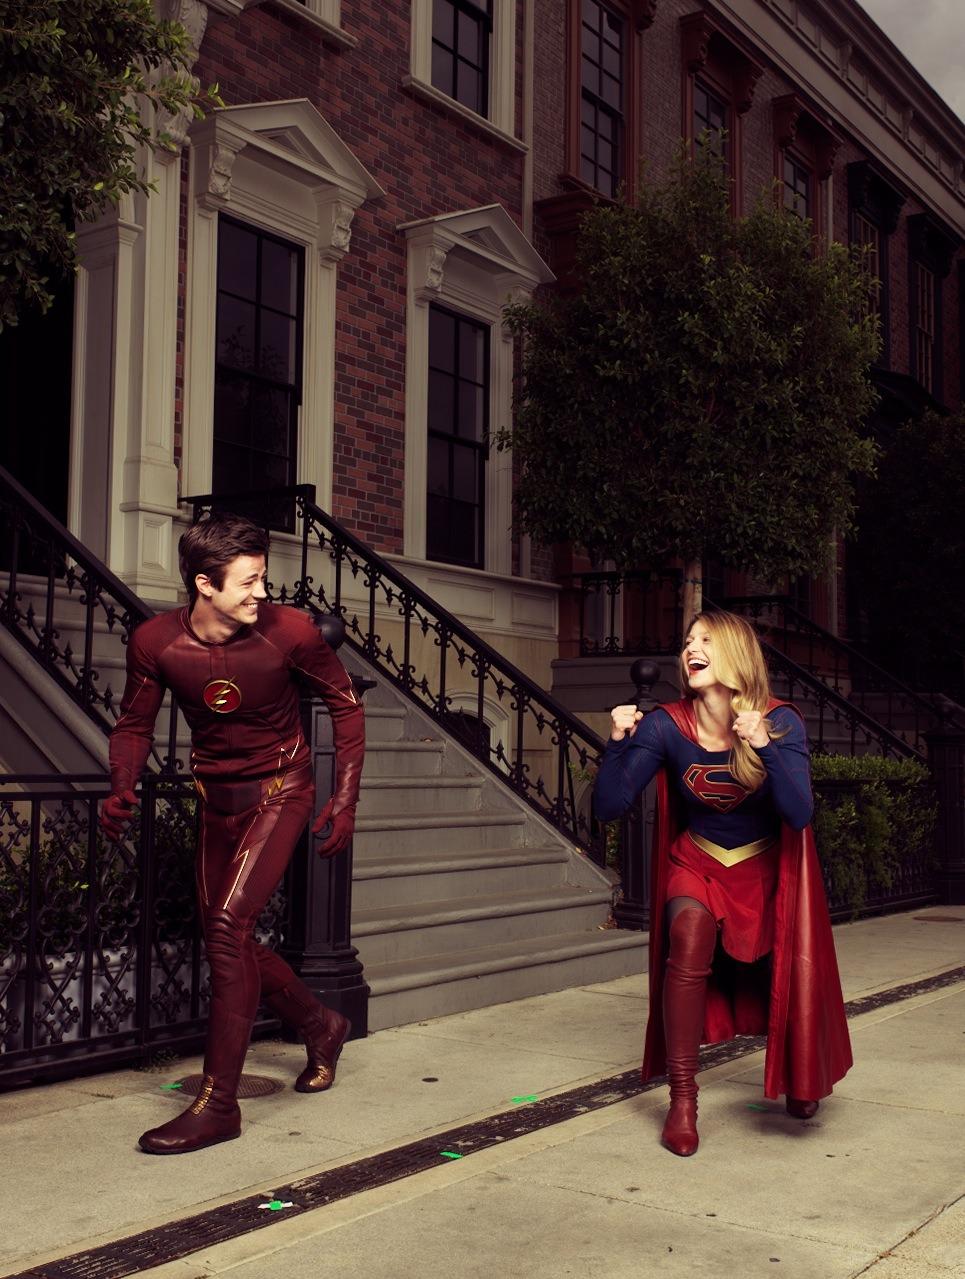 [TV] Supergirl - Irmã da Lois escolhida! - Página 8 Tumblr_nog9qyCXCc1susnhzo3_1280